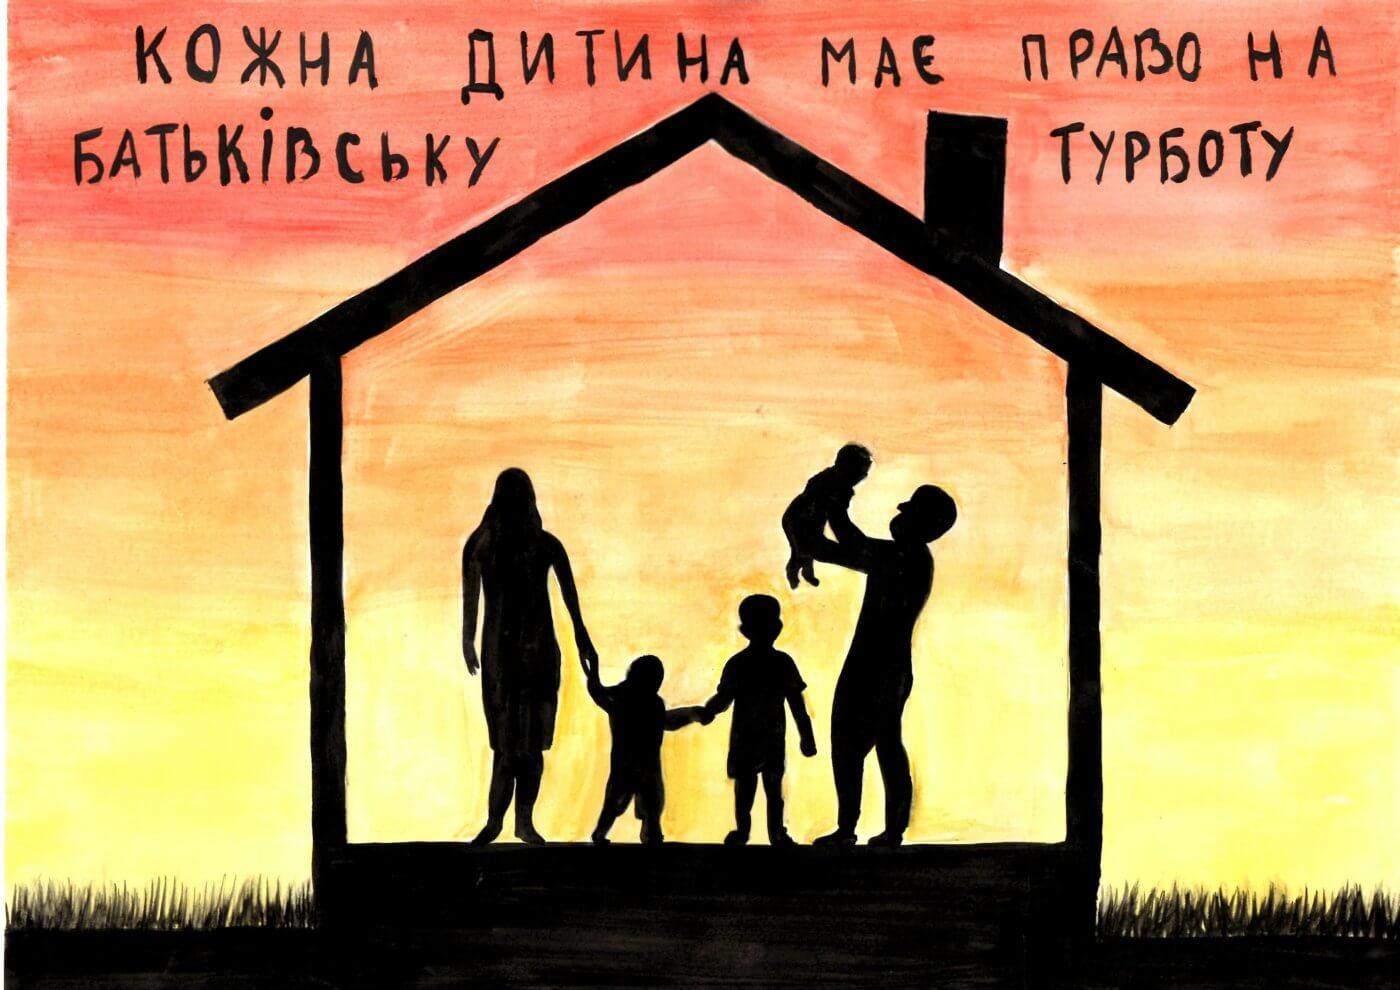 czvyntarna viktoriya 1400x990 - Всеукраїнський конкурс шкільних малюнків «Мої права»